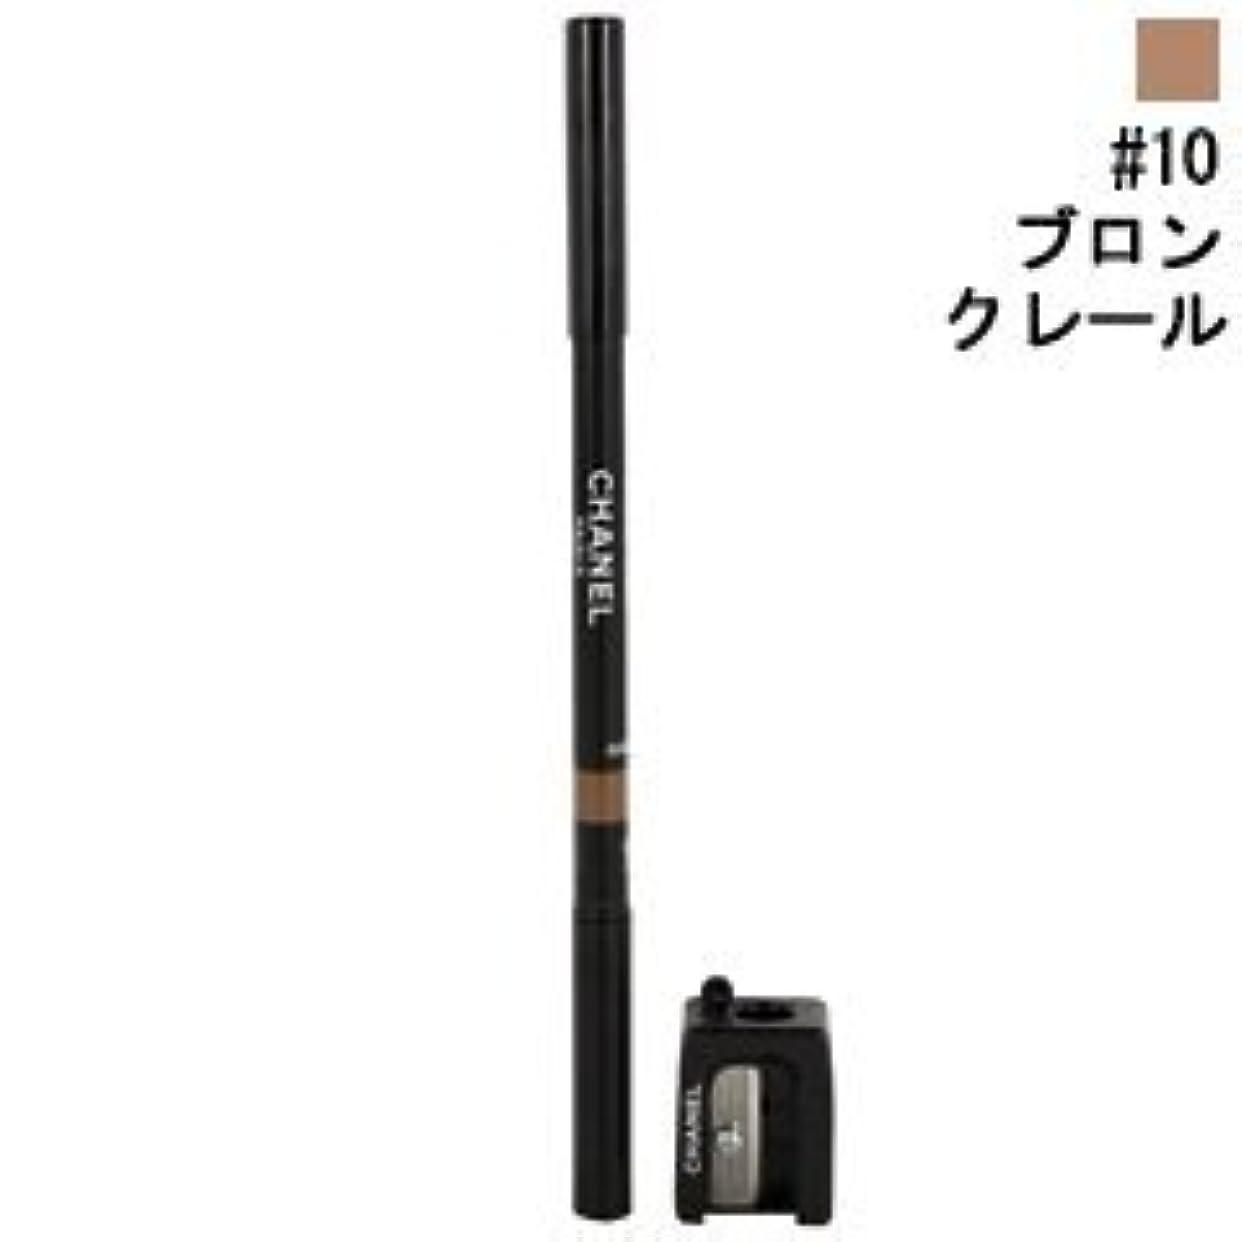 召喚する保安断線【シャネル】クレイヨン スルスィル #10 ブロン クレール 1g (並行輸入品)